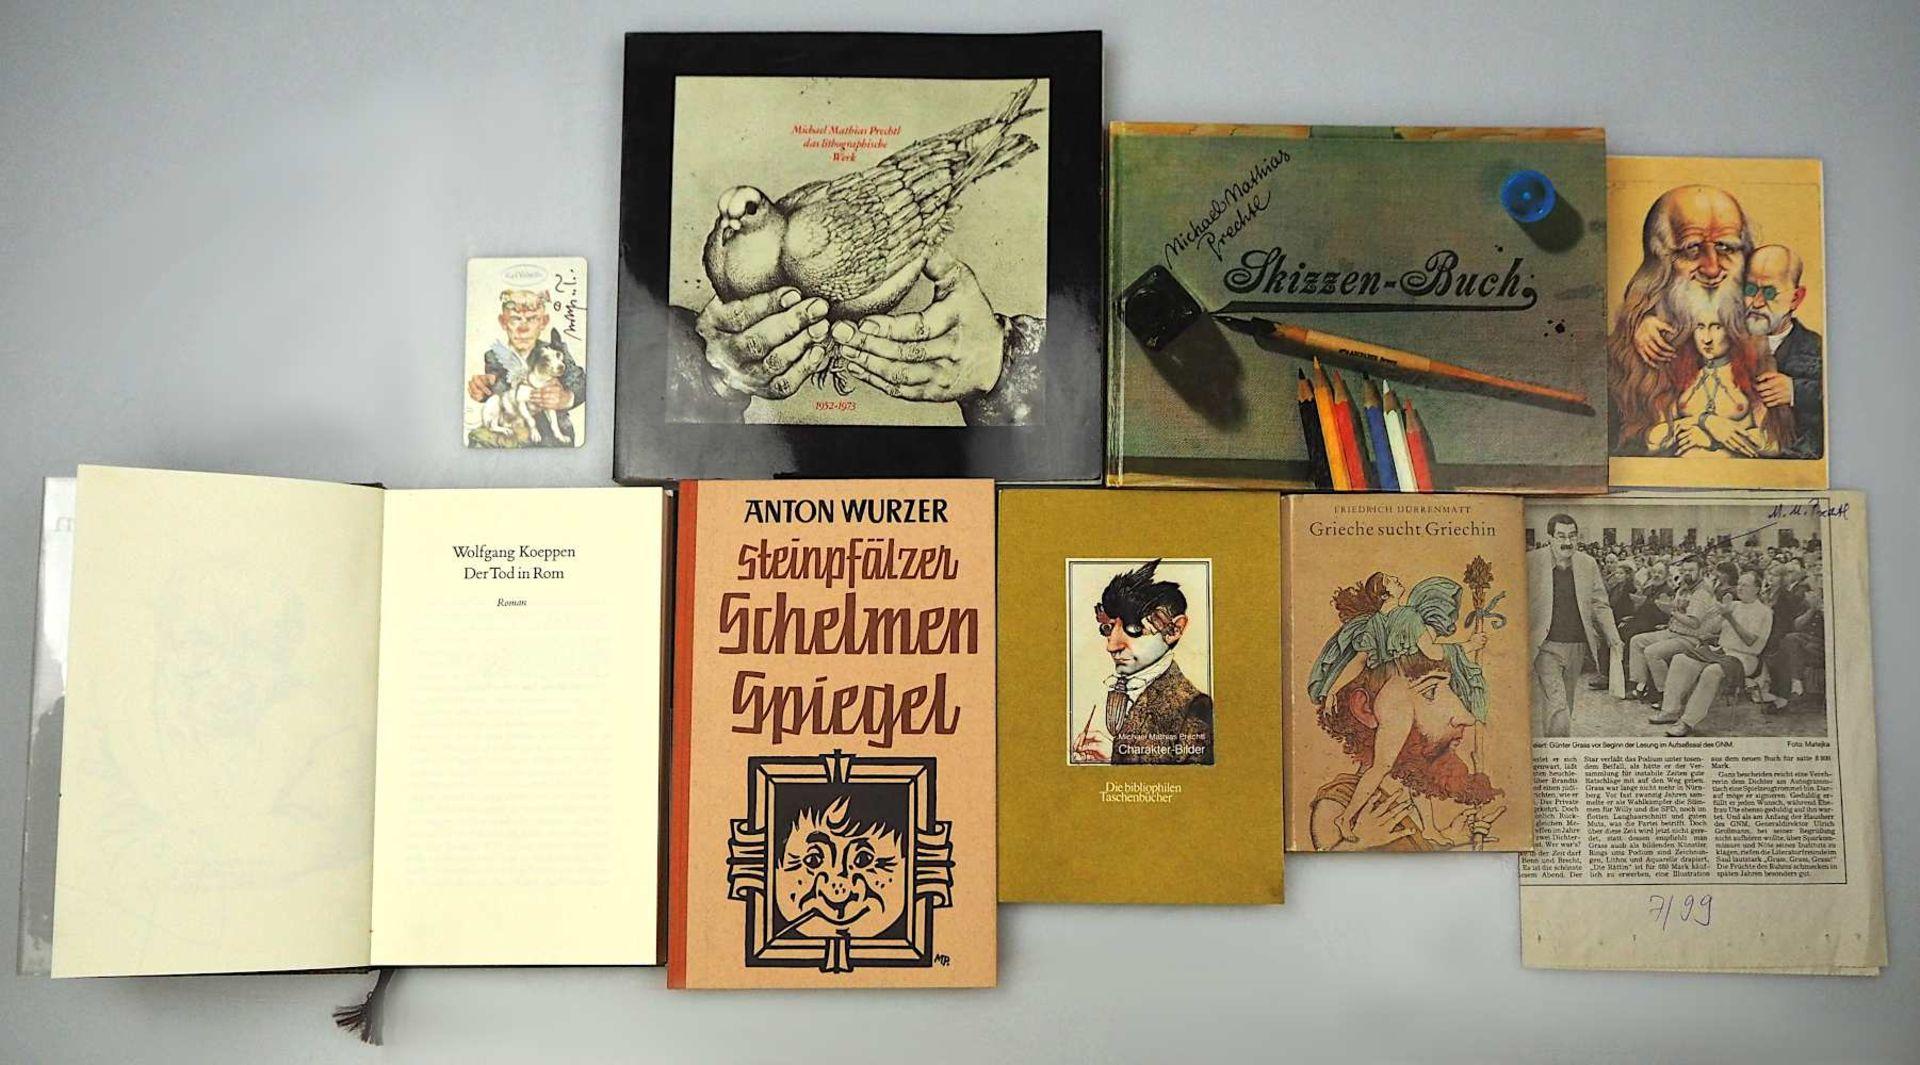 1 Sammlung Kunstbücher mit dem Schwerpunkt Michael Mathias PRECHTL (wohl 1926-2003) z.T. mit Or - Bild 11 aus 11